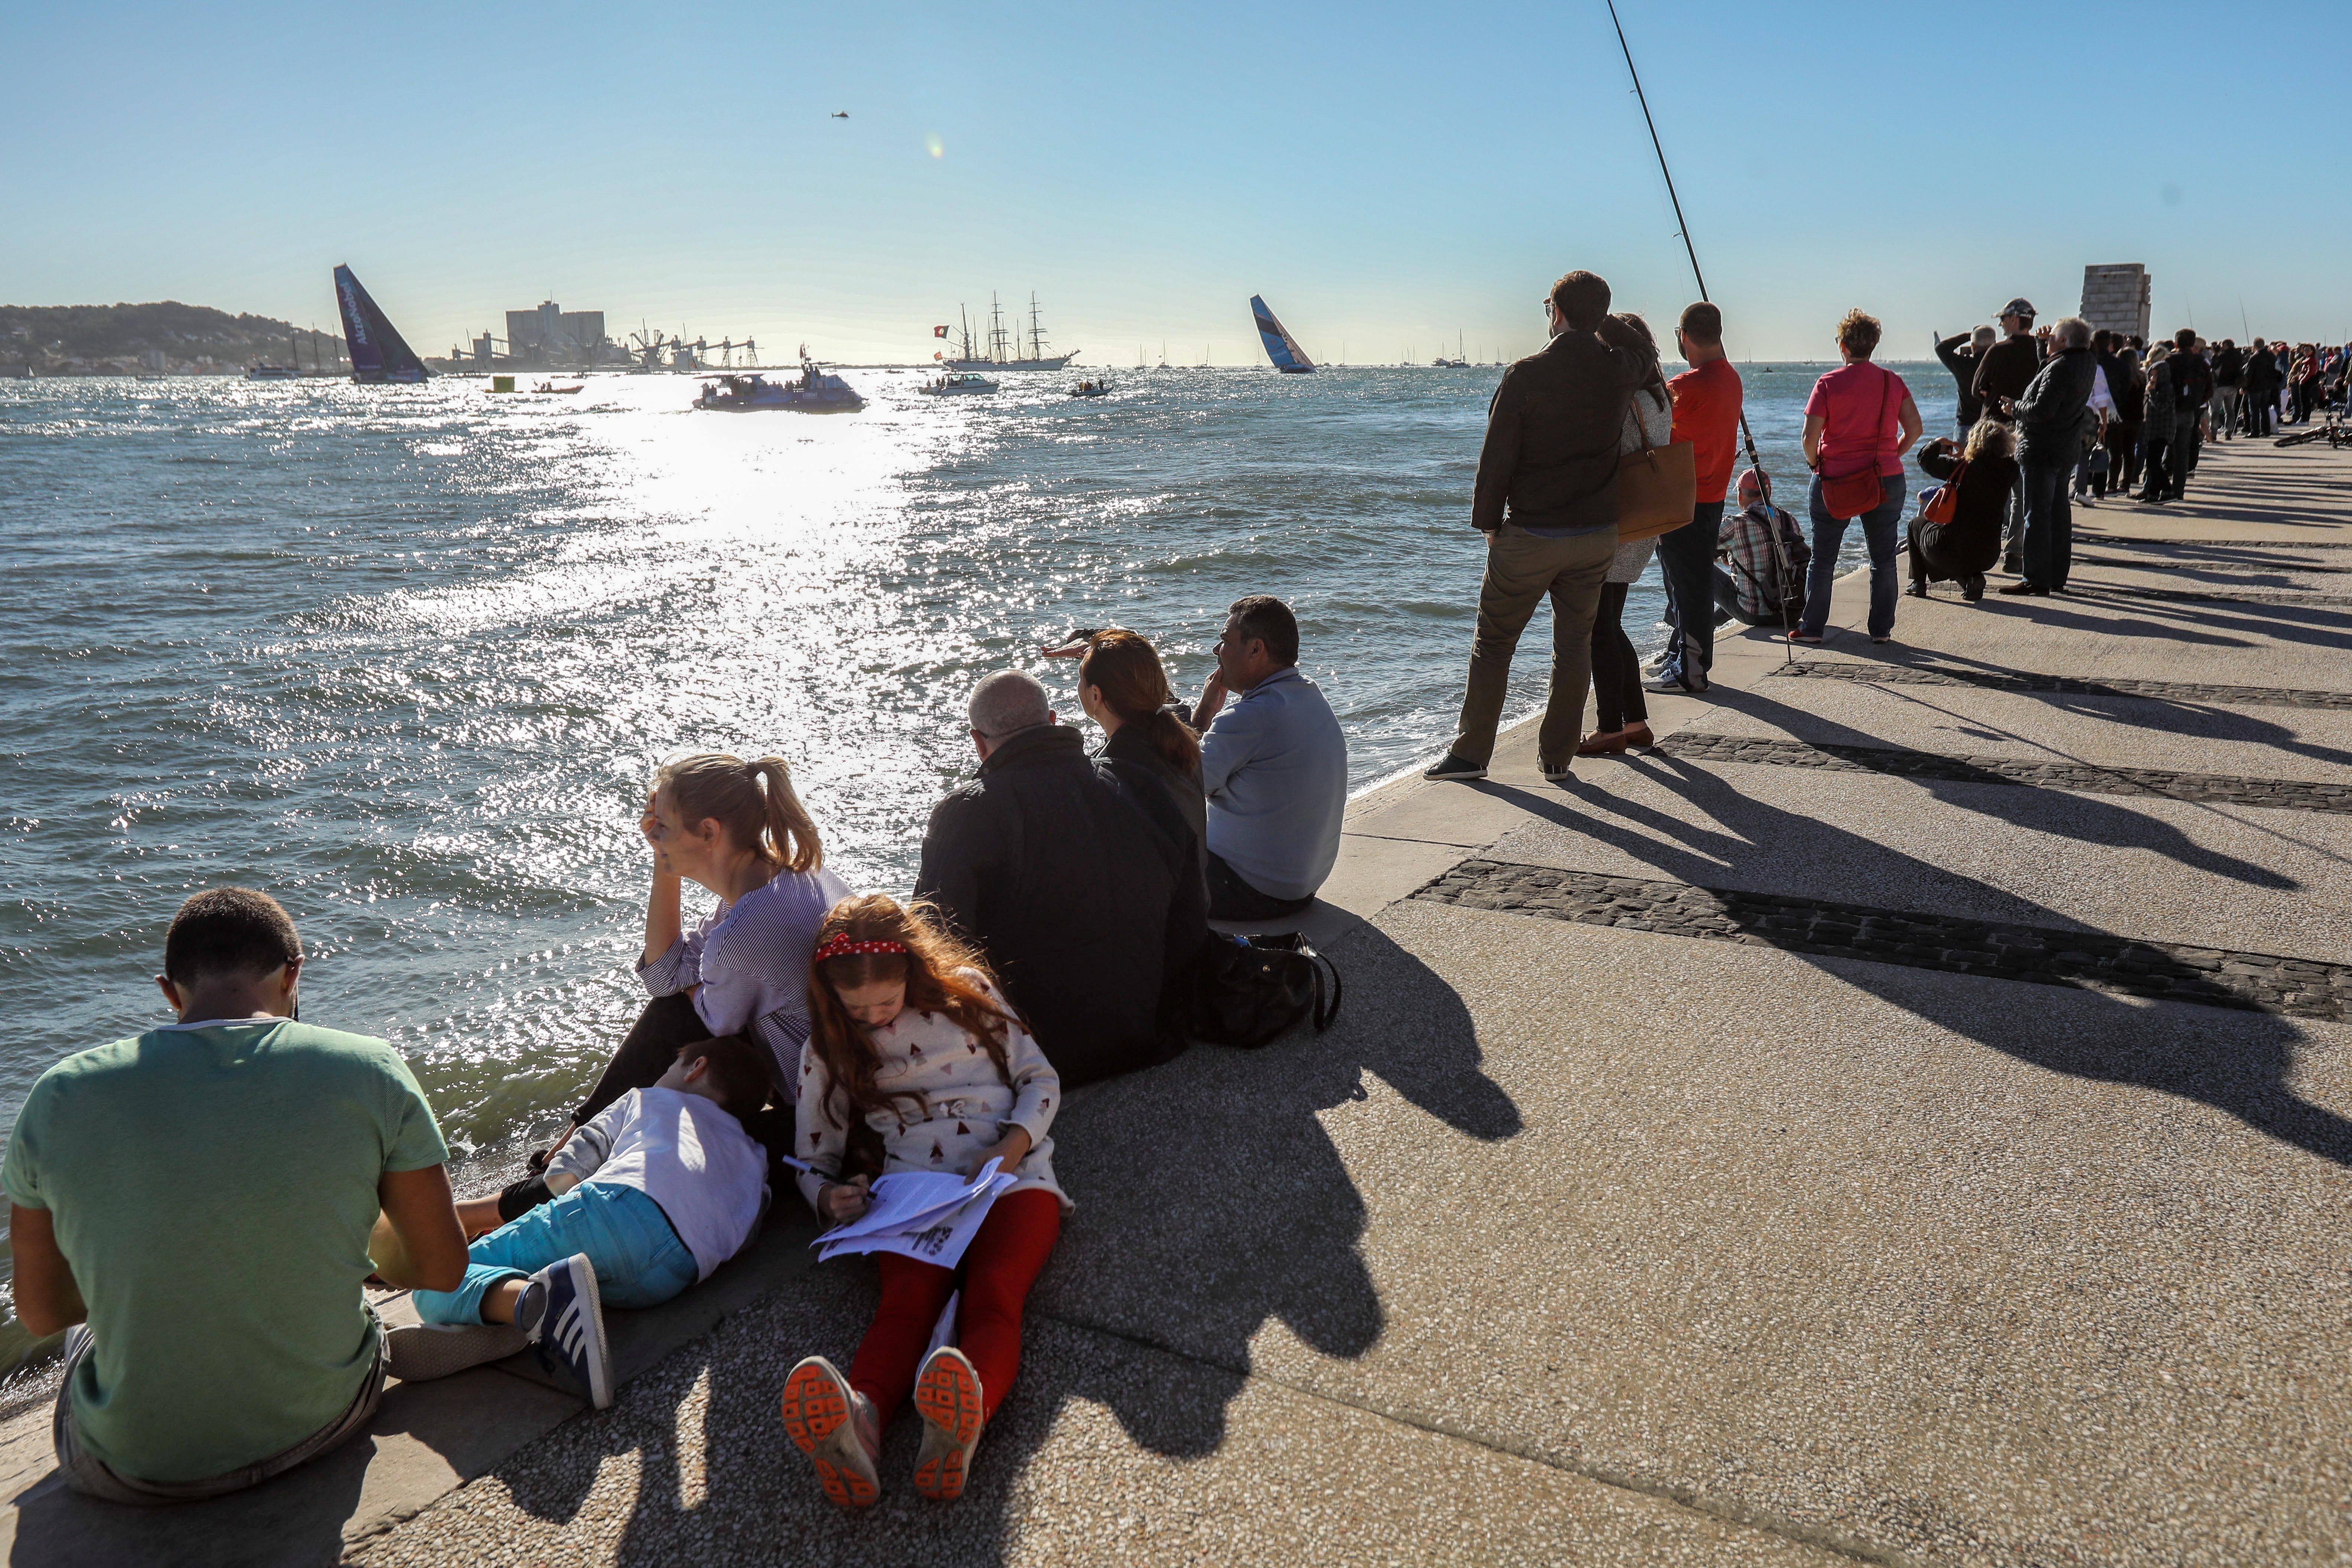 Lisboa: Aumento da taxa turística vai ser avaliado até 2019